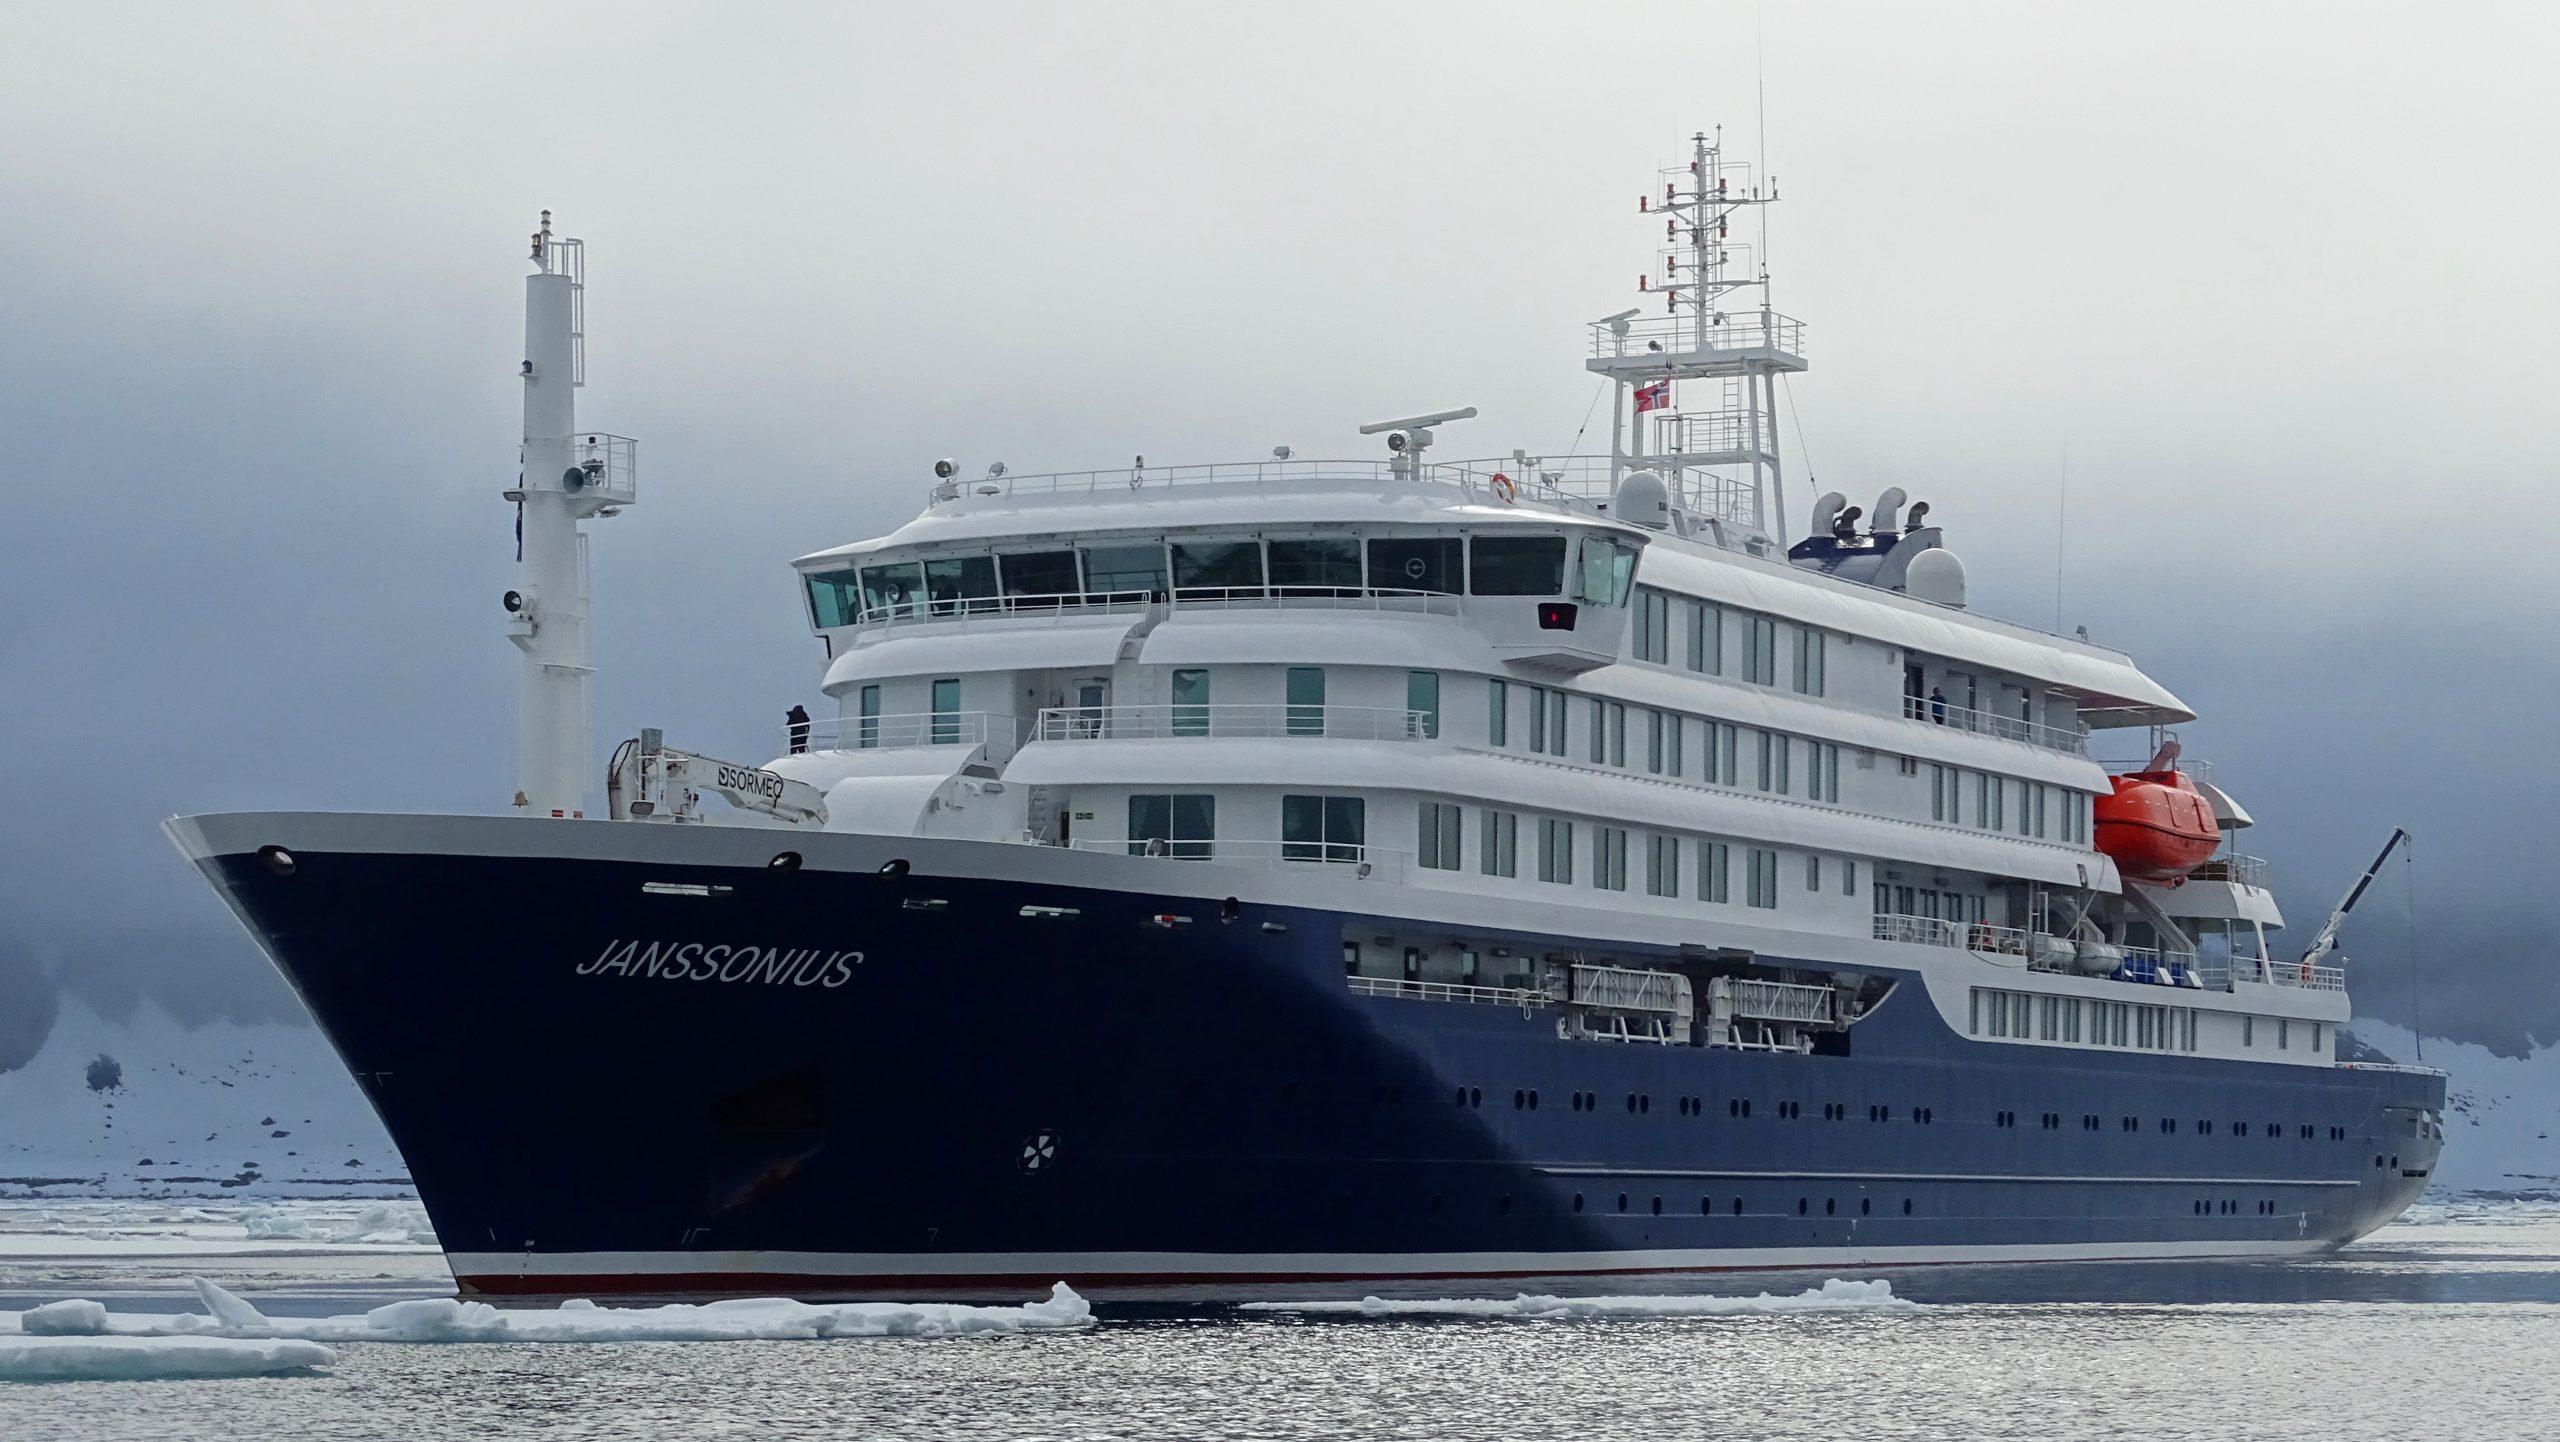 Oceanwide MV Janssonius